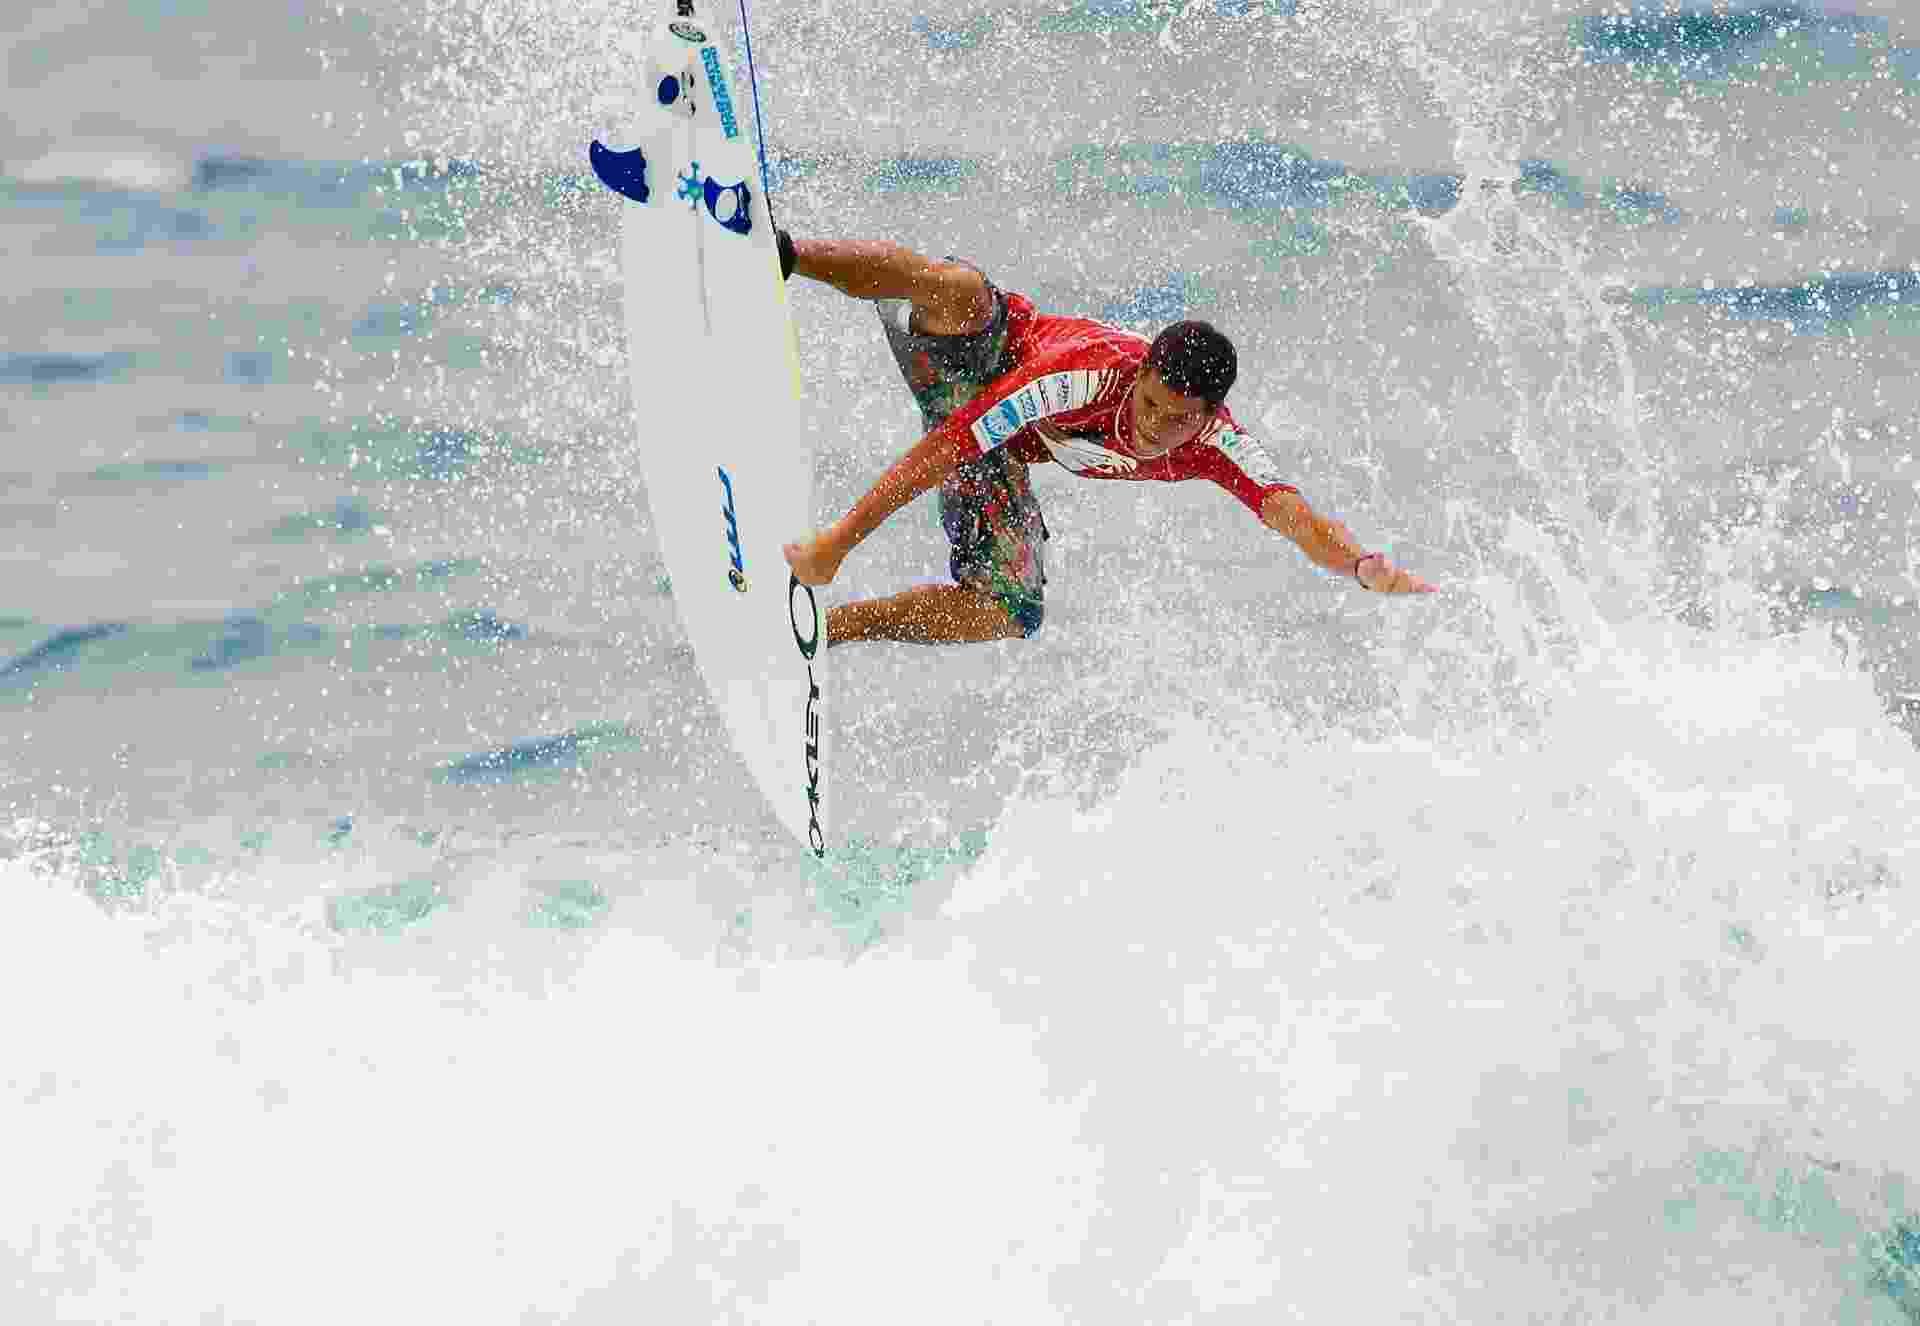 Adriano de Souza em ação em 2005, na Austrália, quando era campeão mundial da categoria junior de surfe. - Karen Wilson/Tostee.com via Getty Images